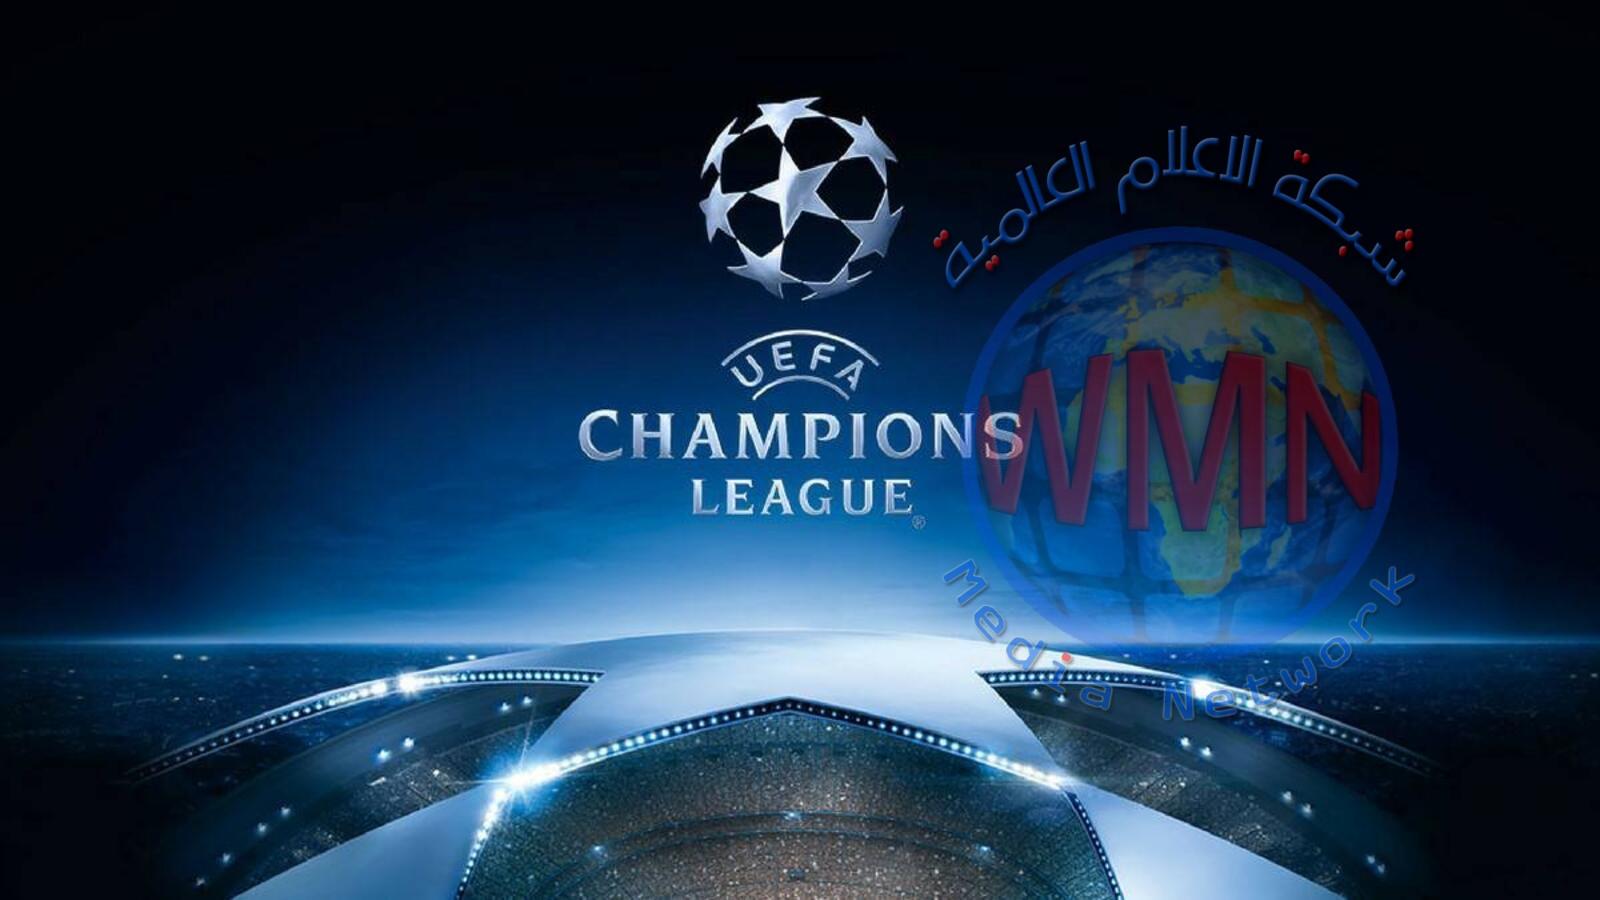 دوري أبطال أوروبا: برشلونة يستضيف إنتر وليفربول يلاقي سالزبورغ